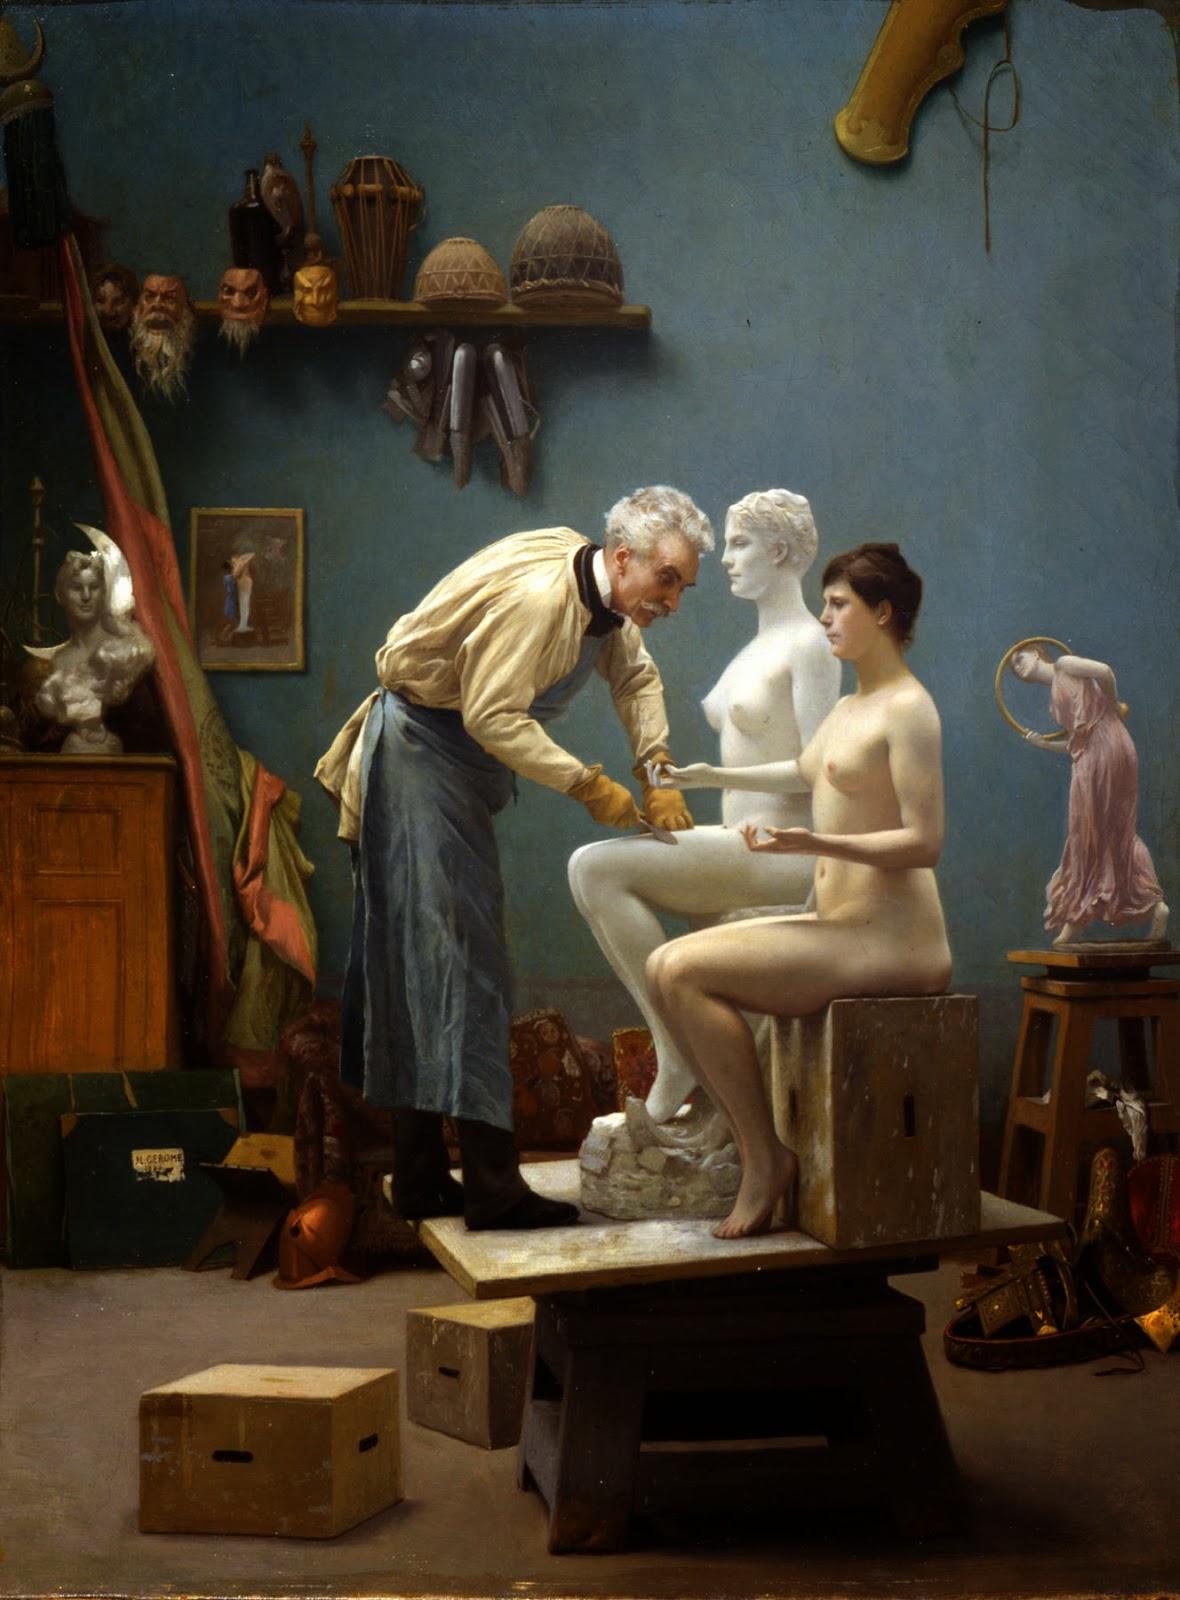 Julian Alden Weir  28 Artworks Bio amp Shows on Artsy